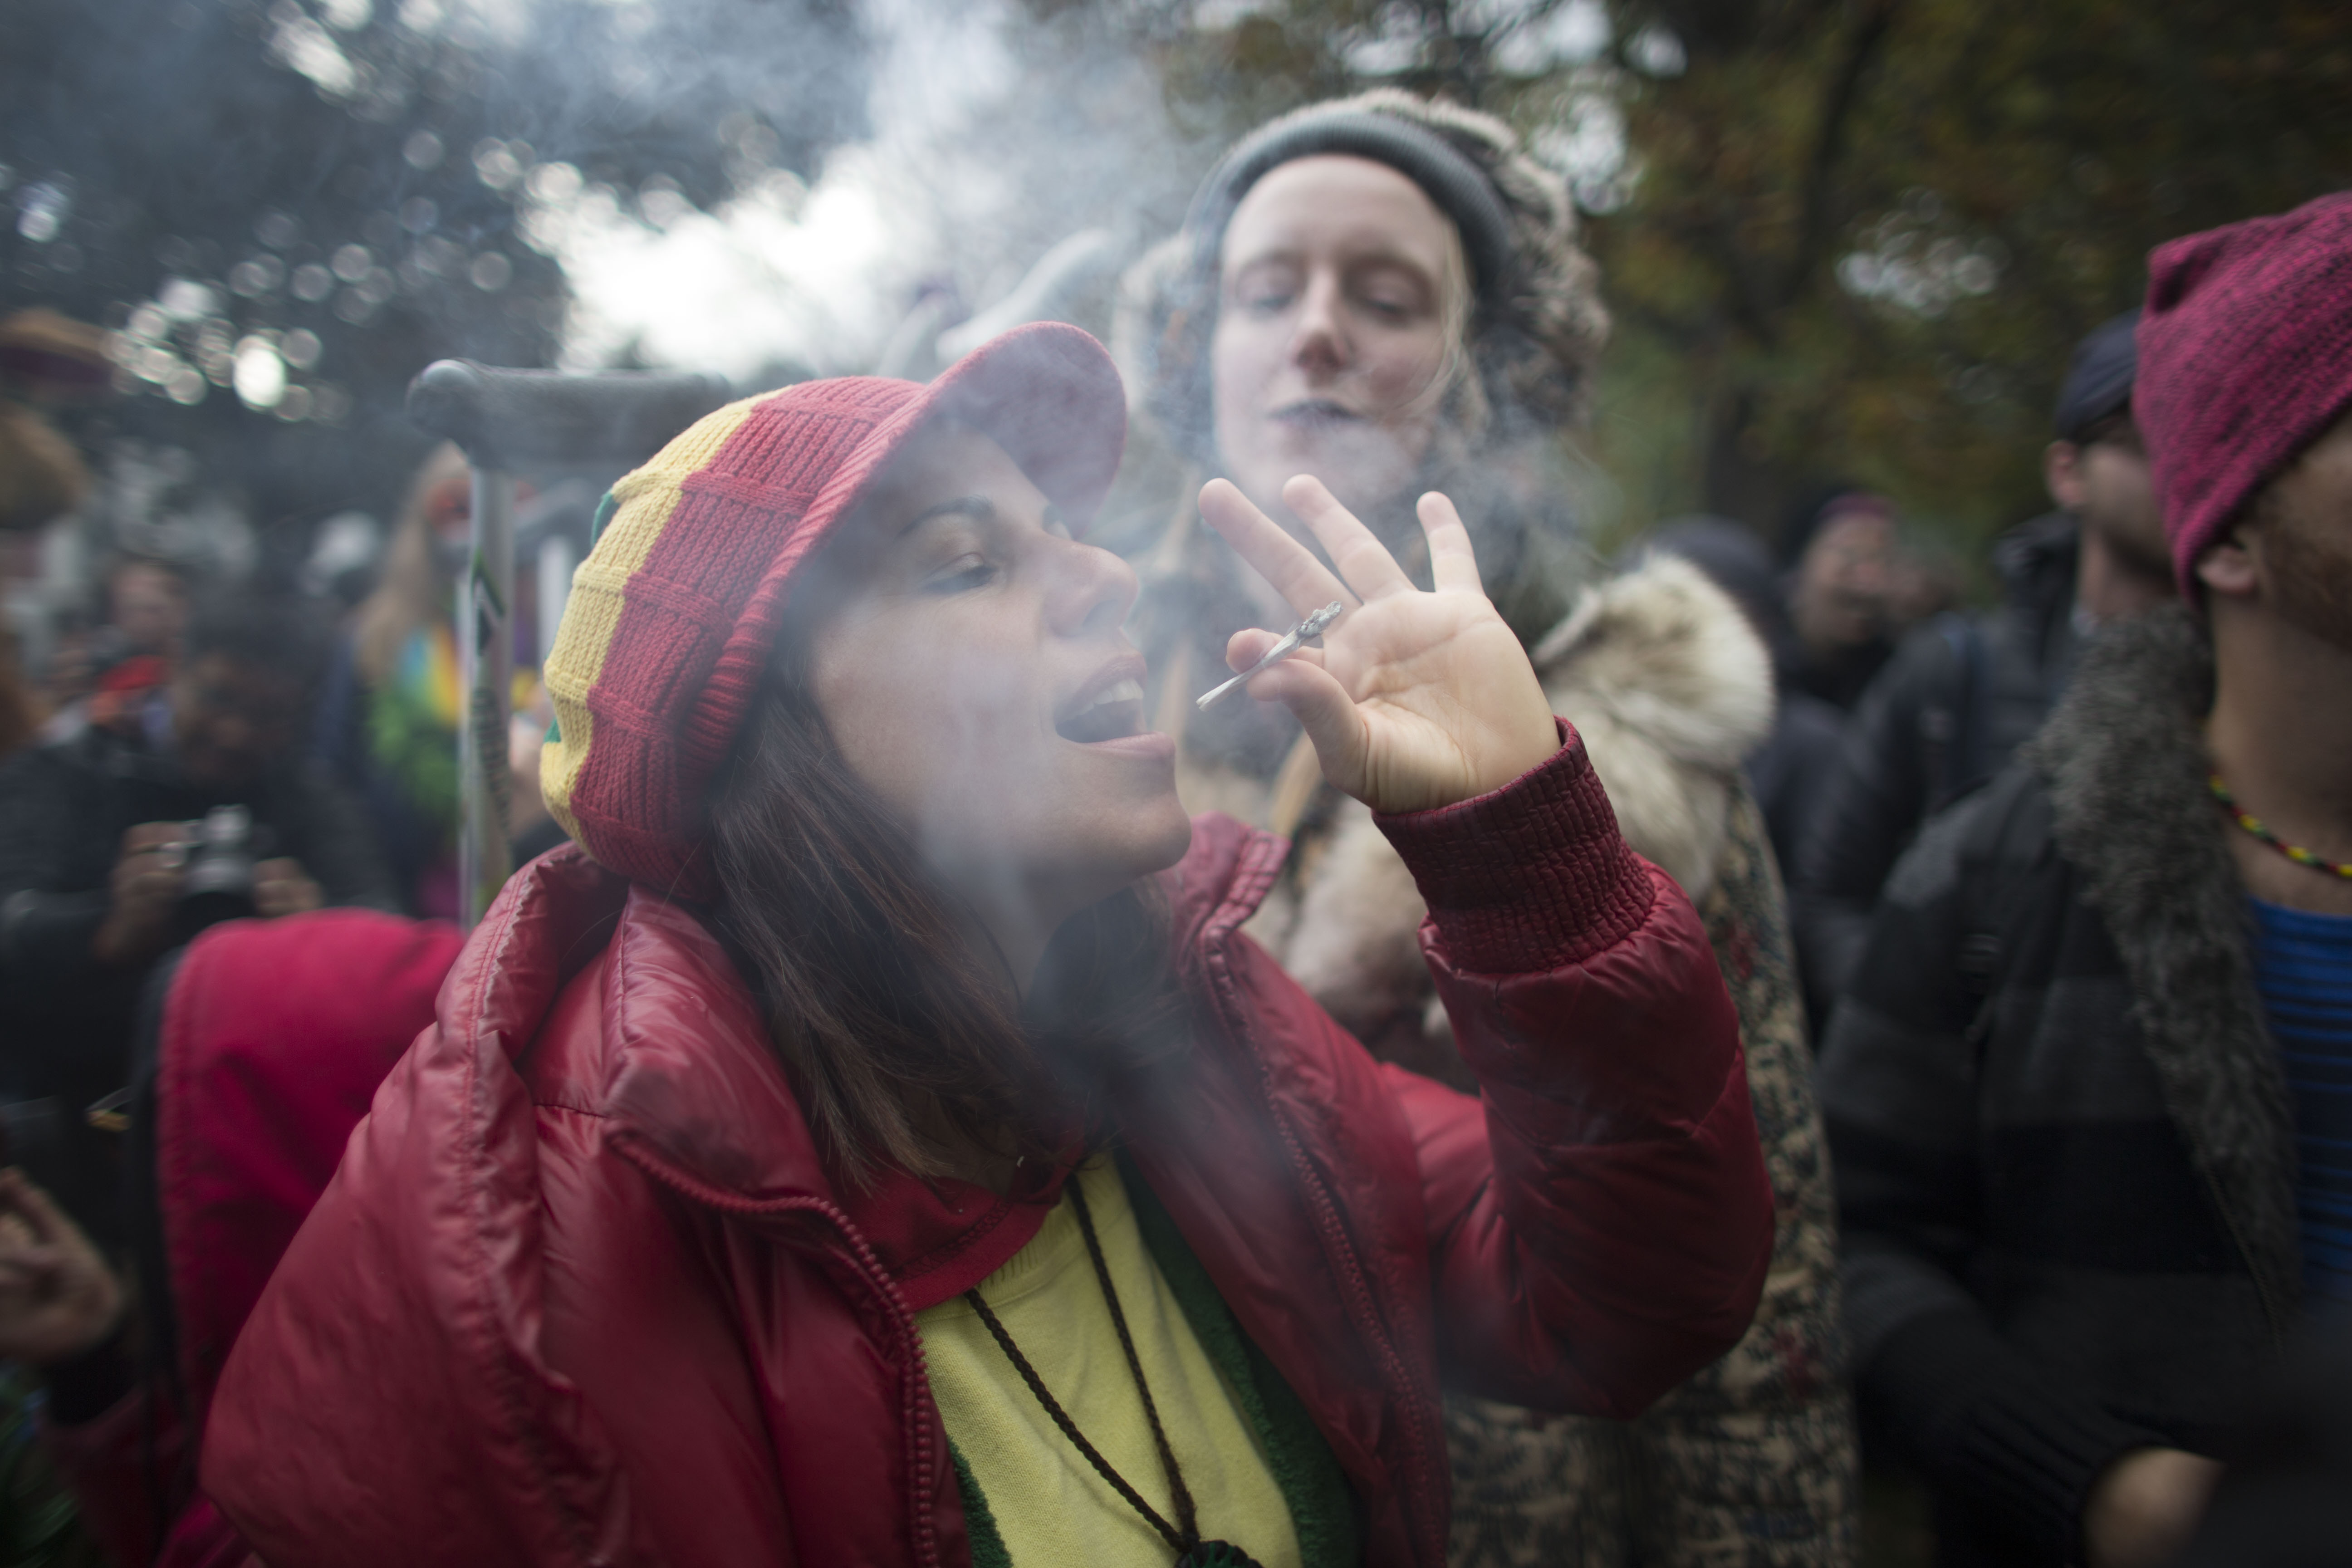 دراسة بريطانية: دخان السجائر يعطل عمل المضادات الحيوية